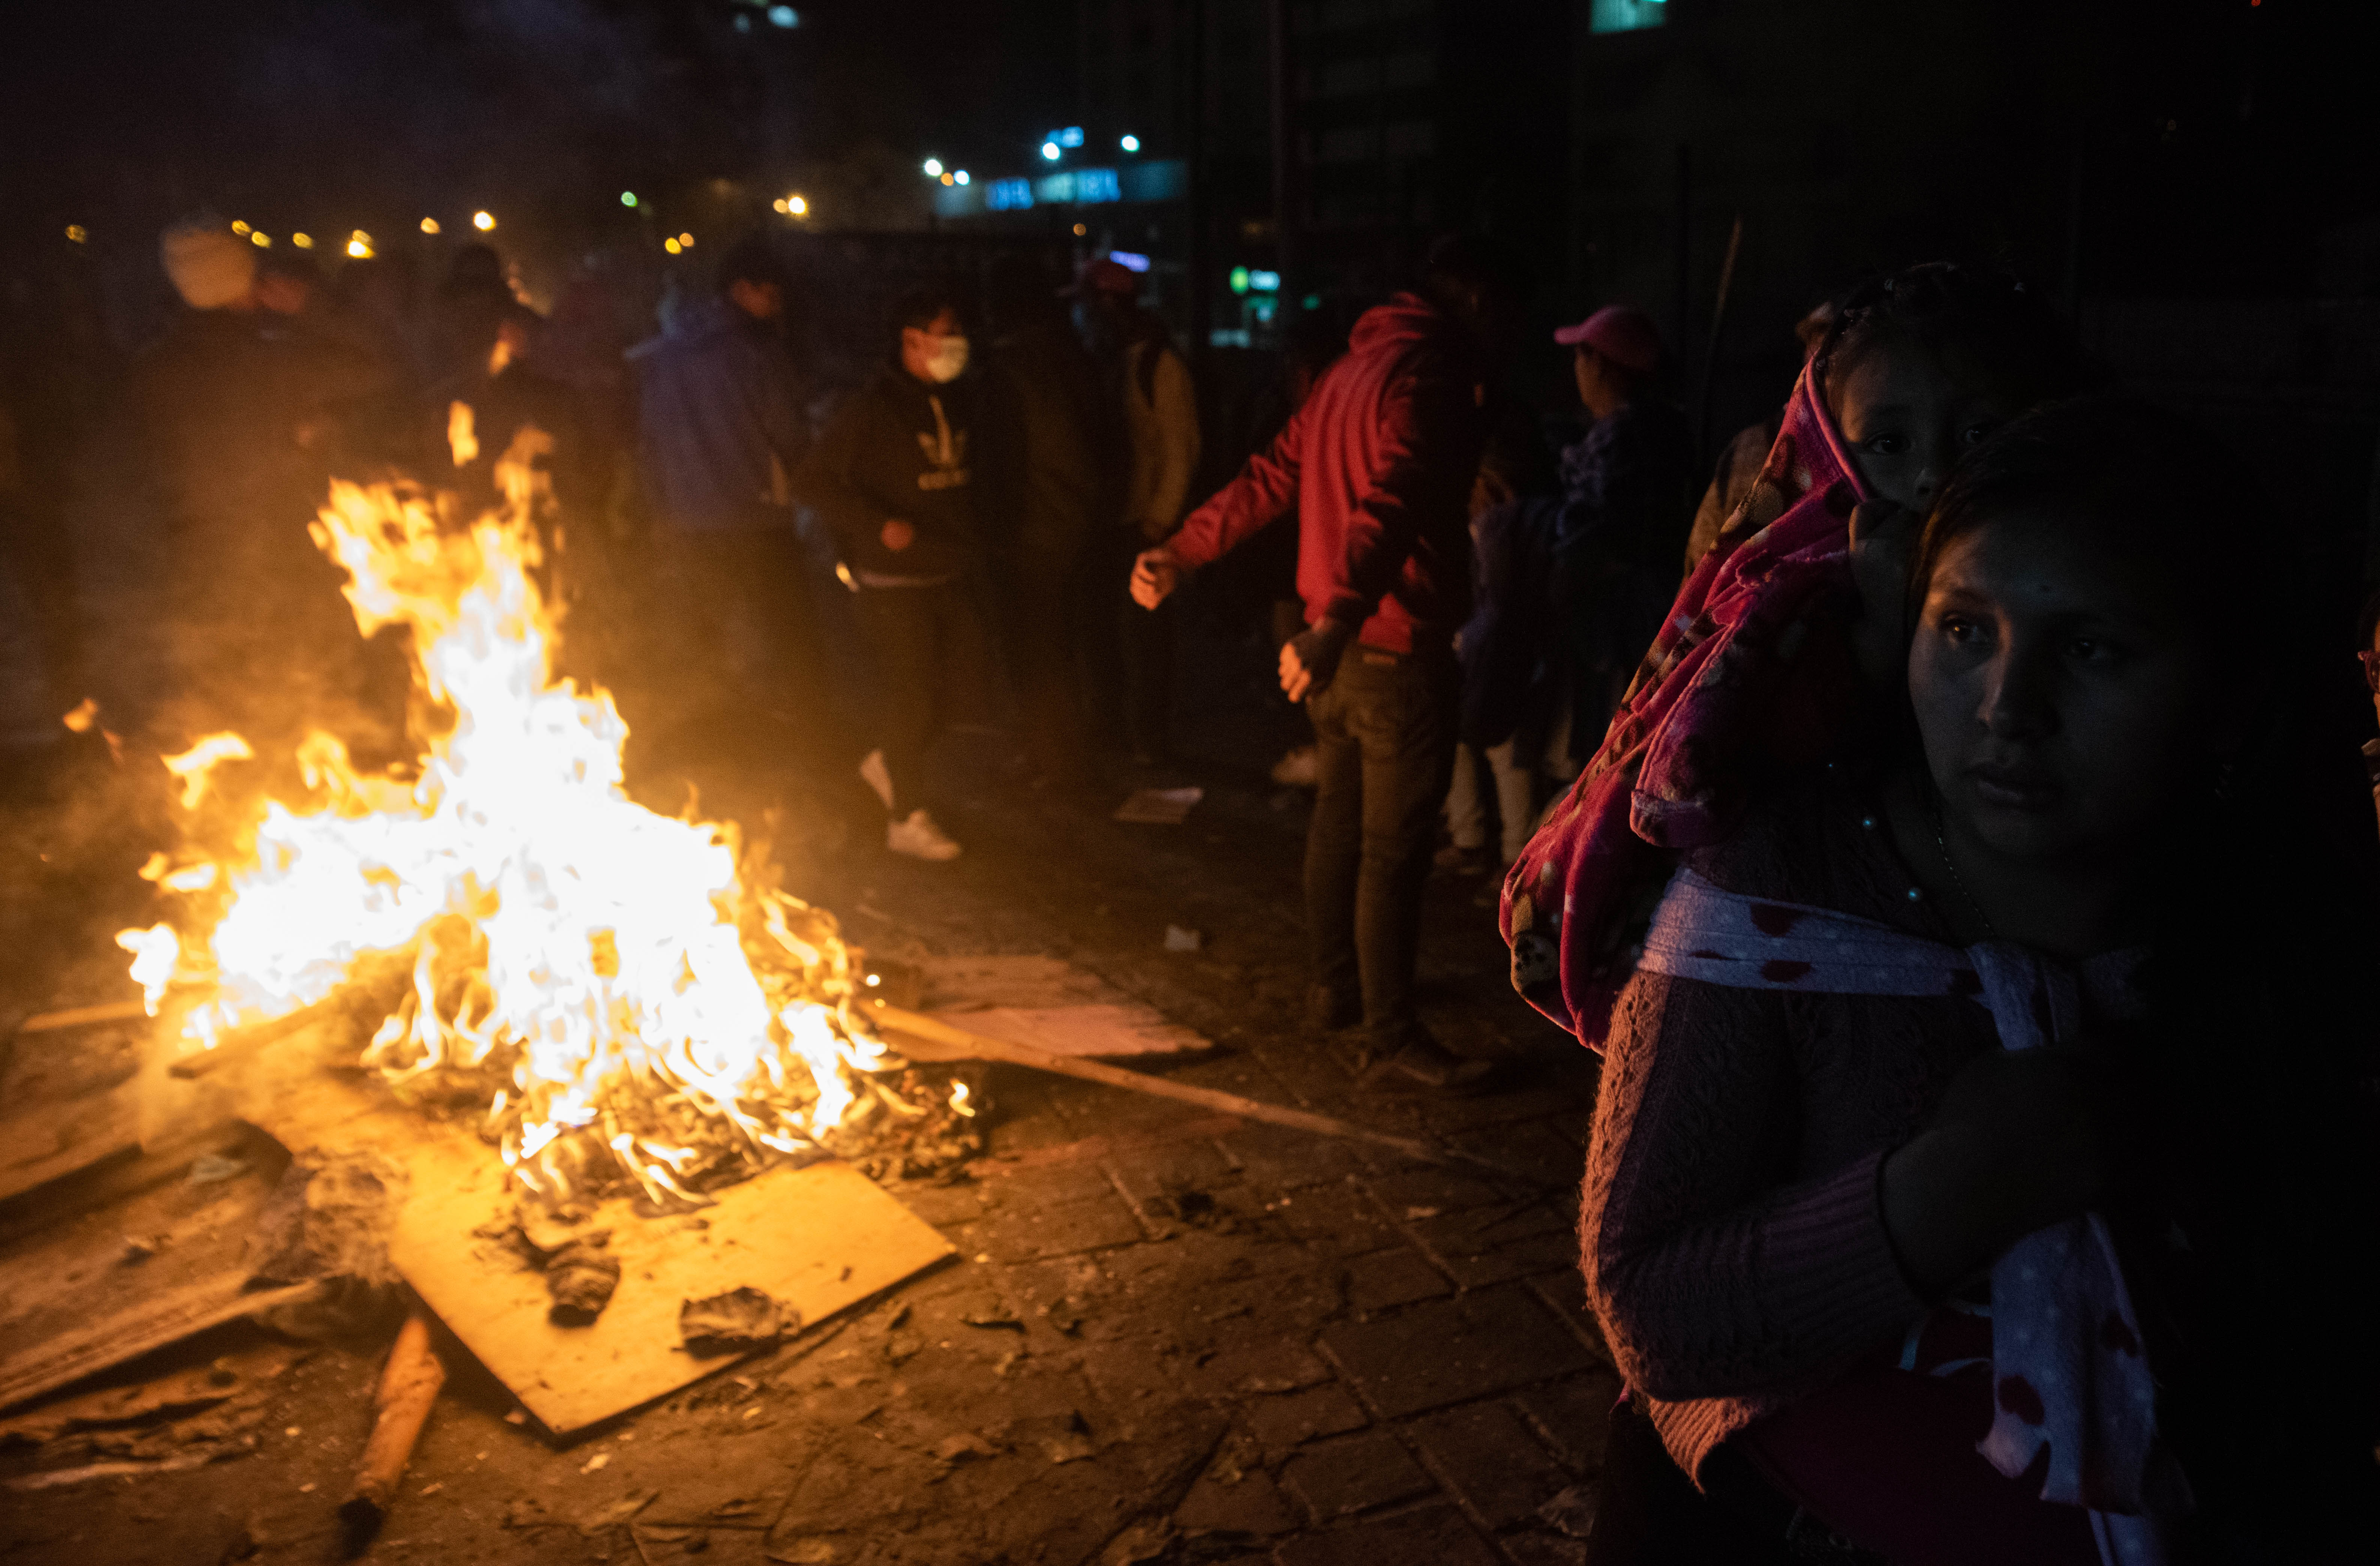 Durante los festejos de anoche, muchos encendieron fuegos callejeros para combatir la falta de luz en ciertas zonas de la capital ecuatoriana